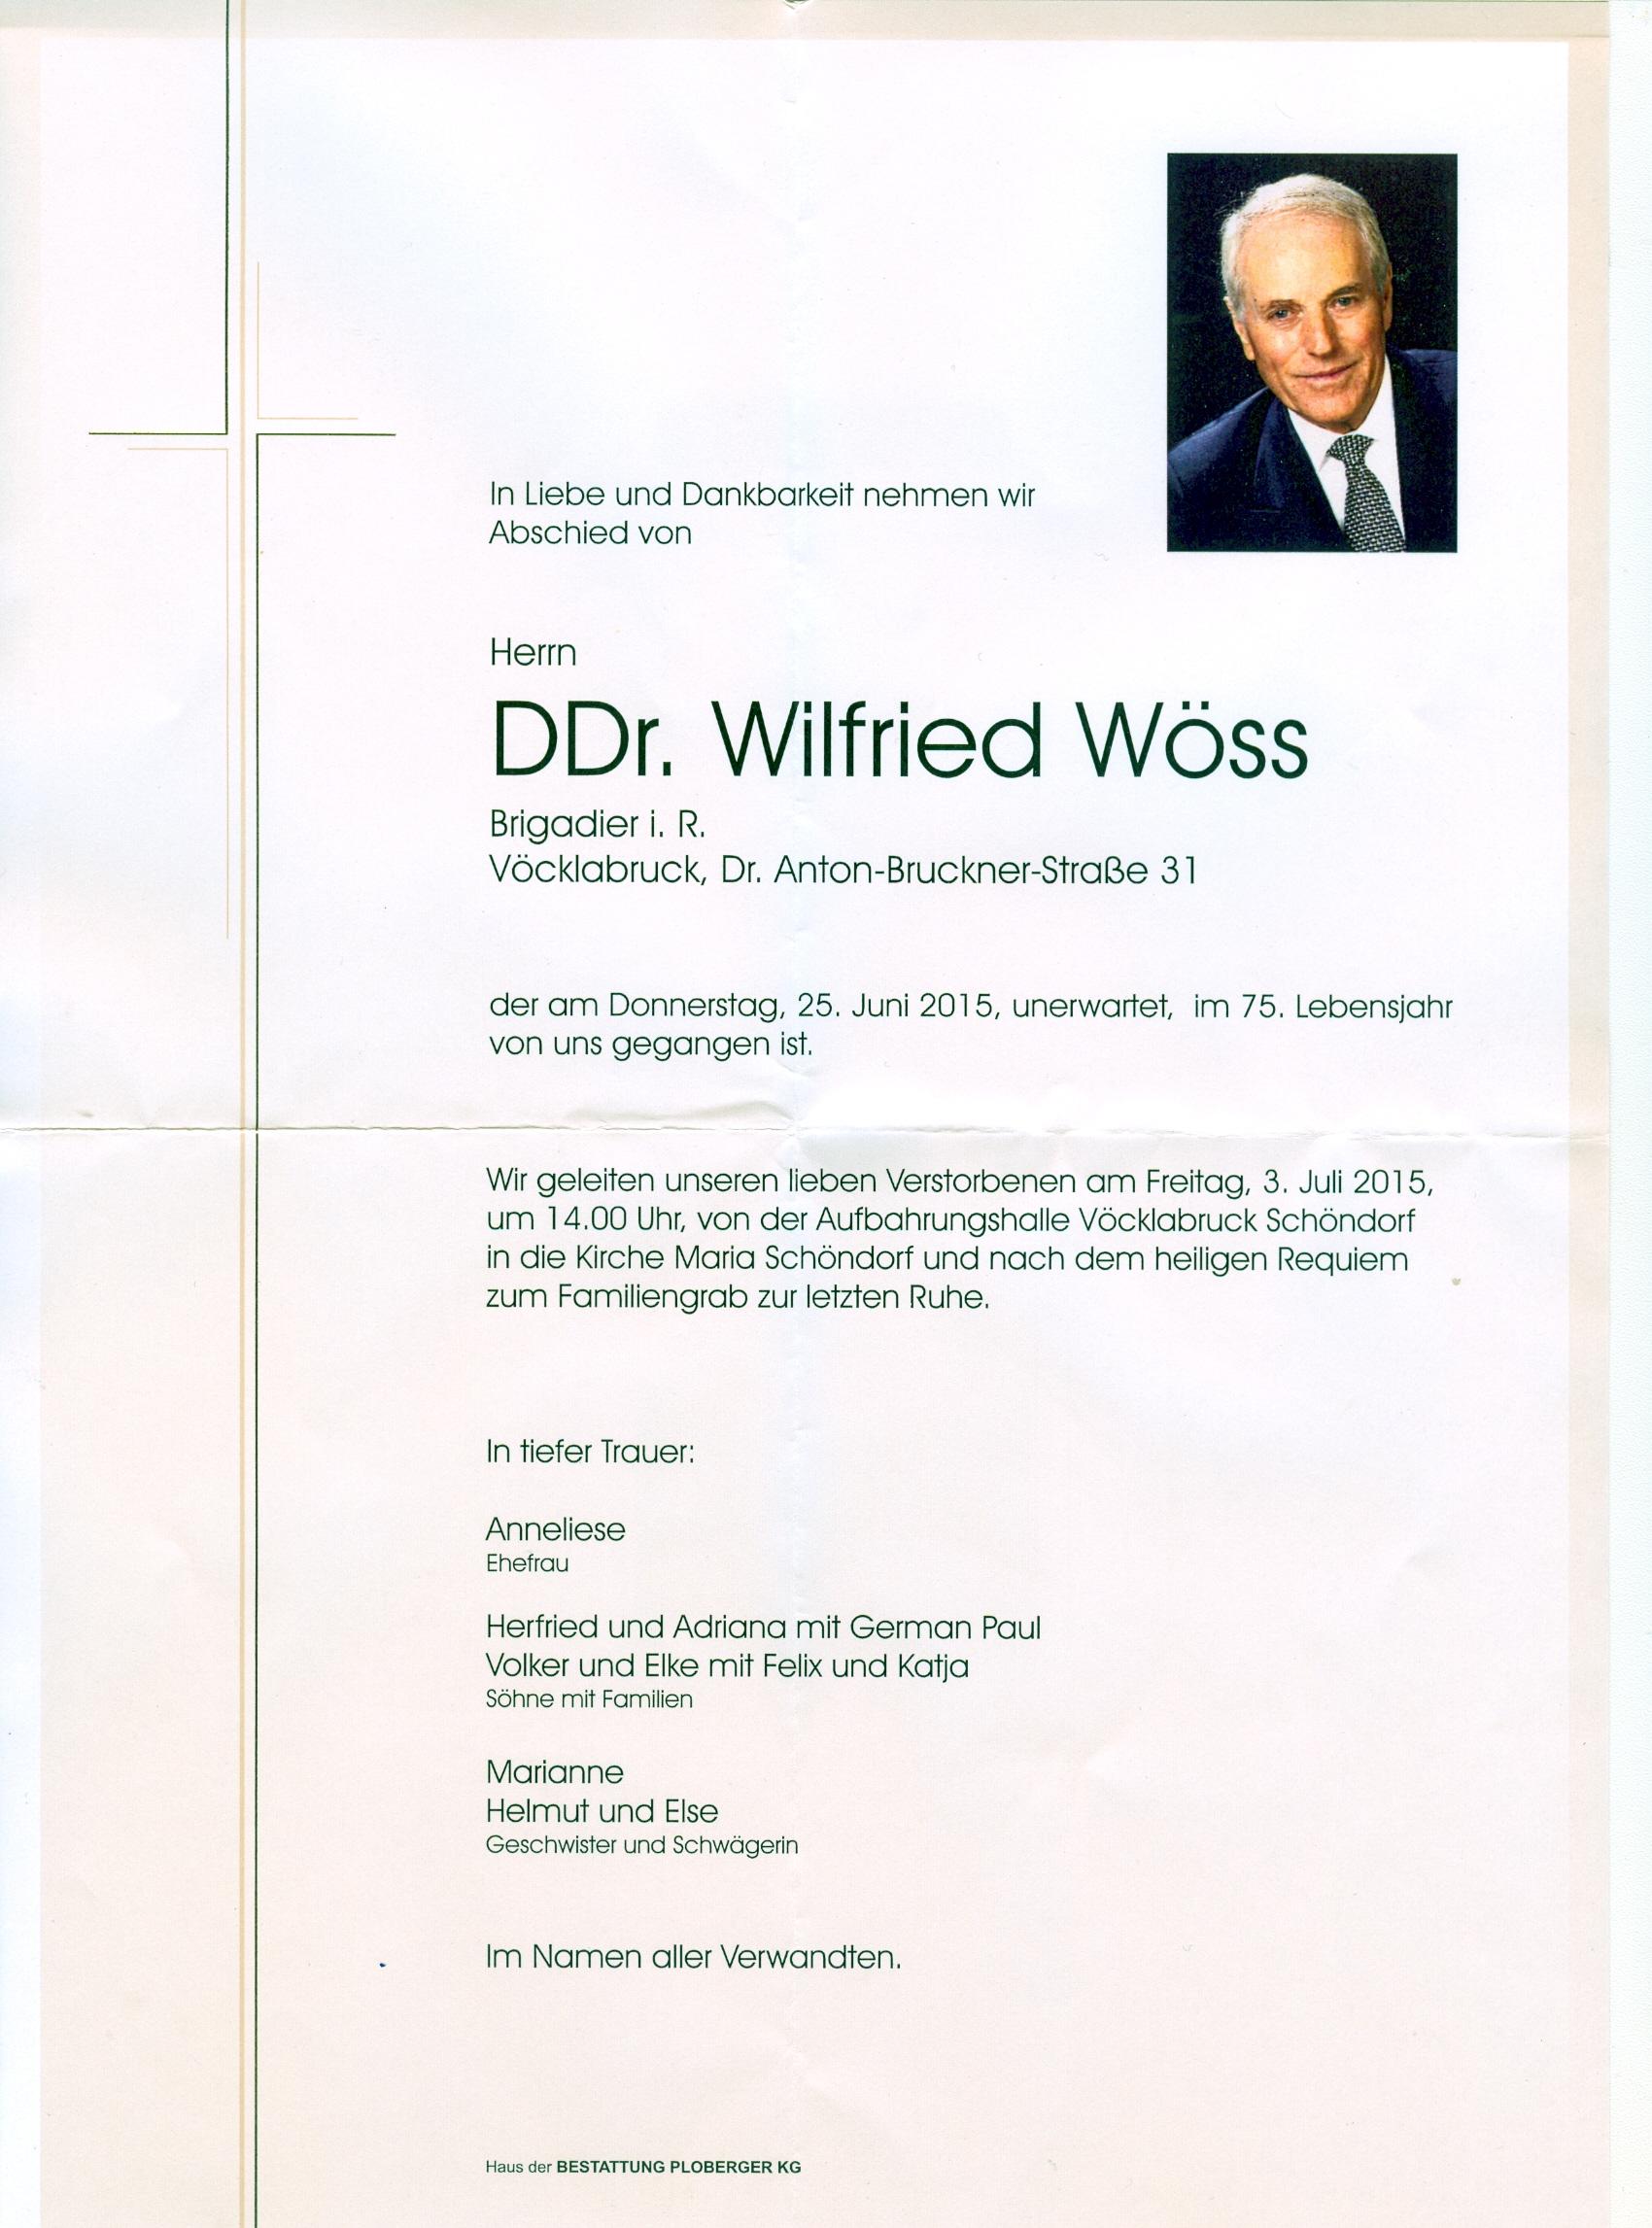 Wöss-Pate